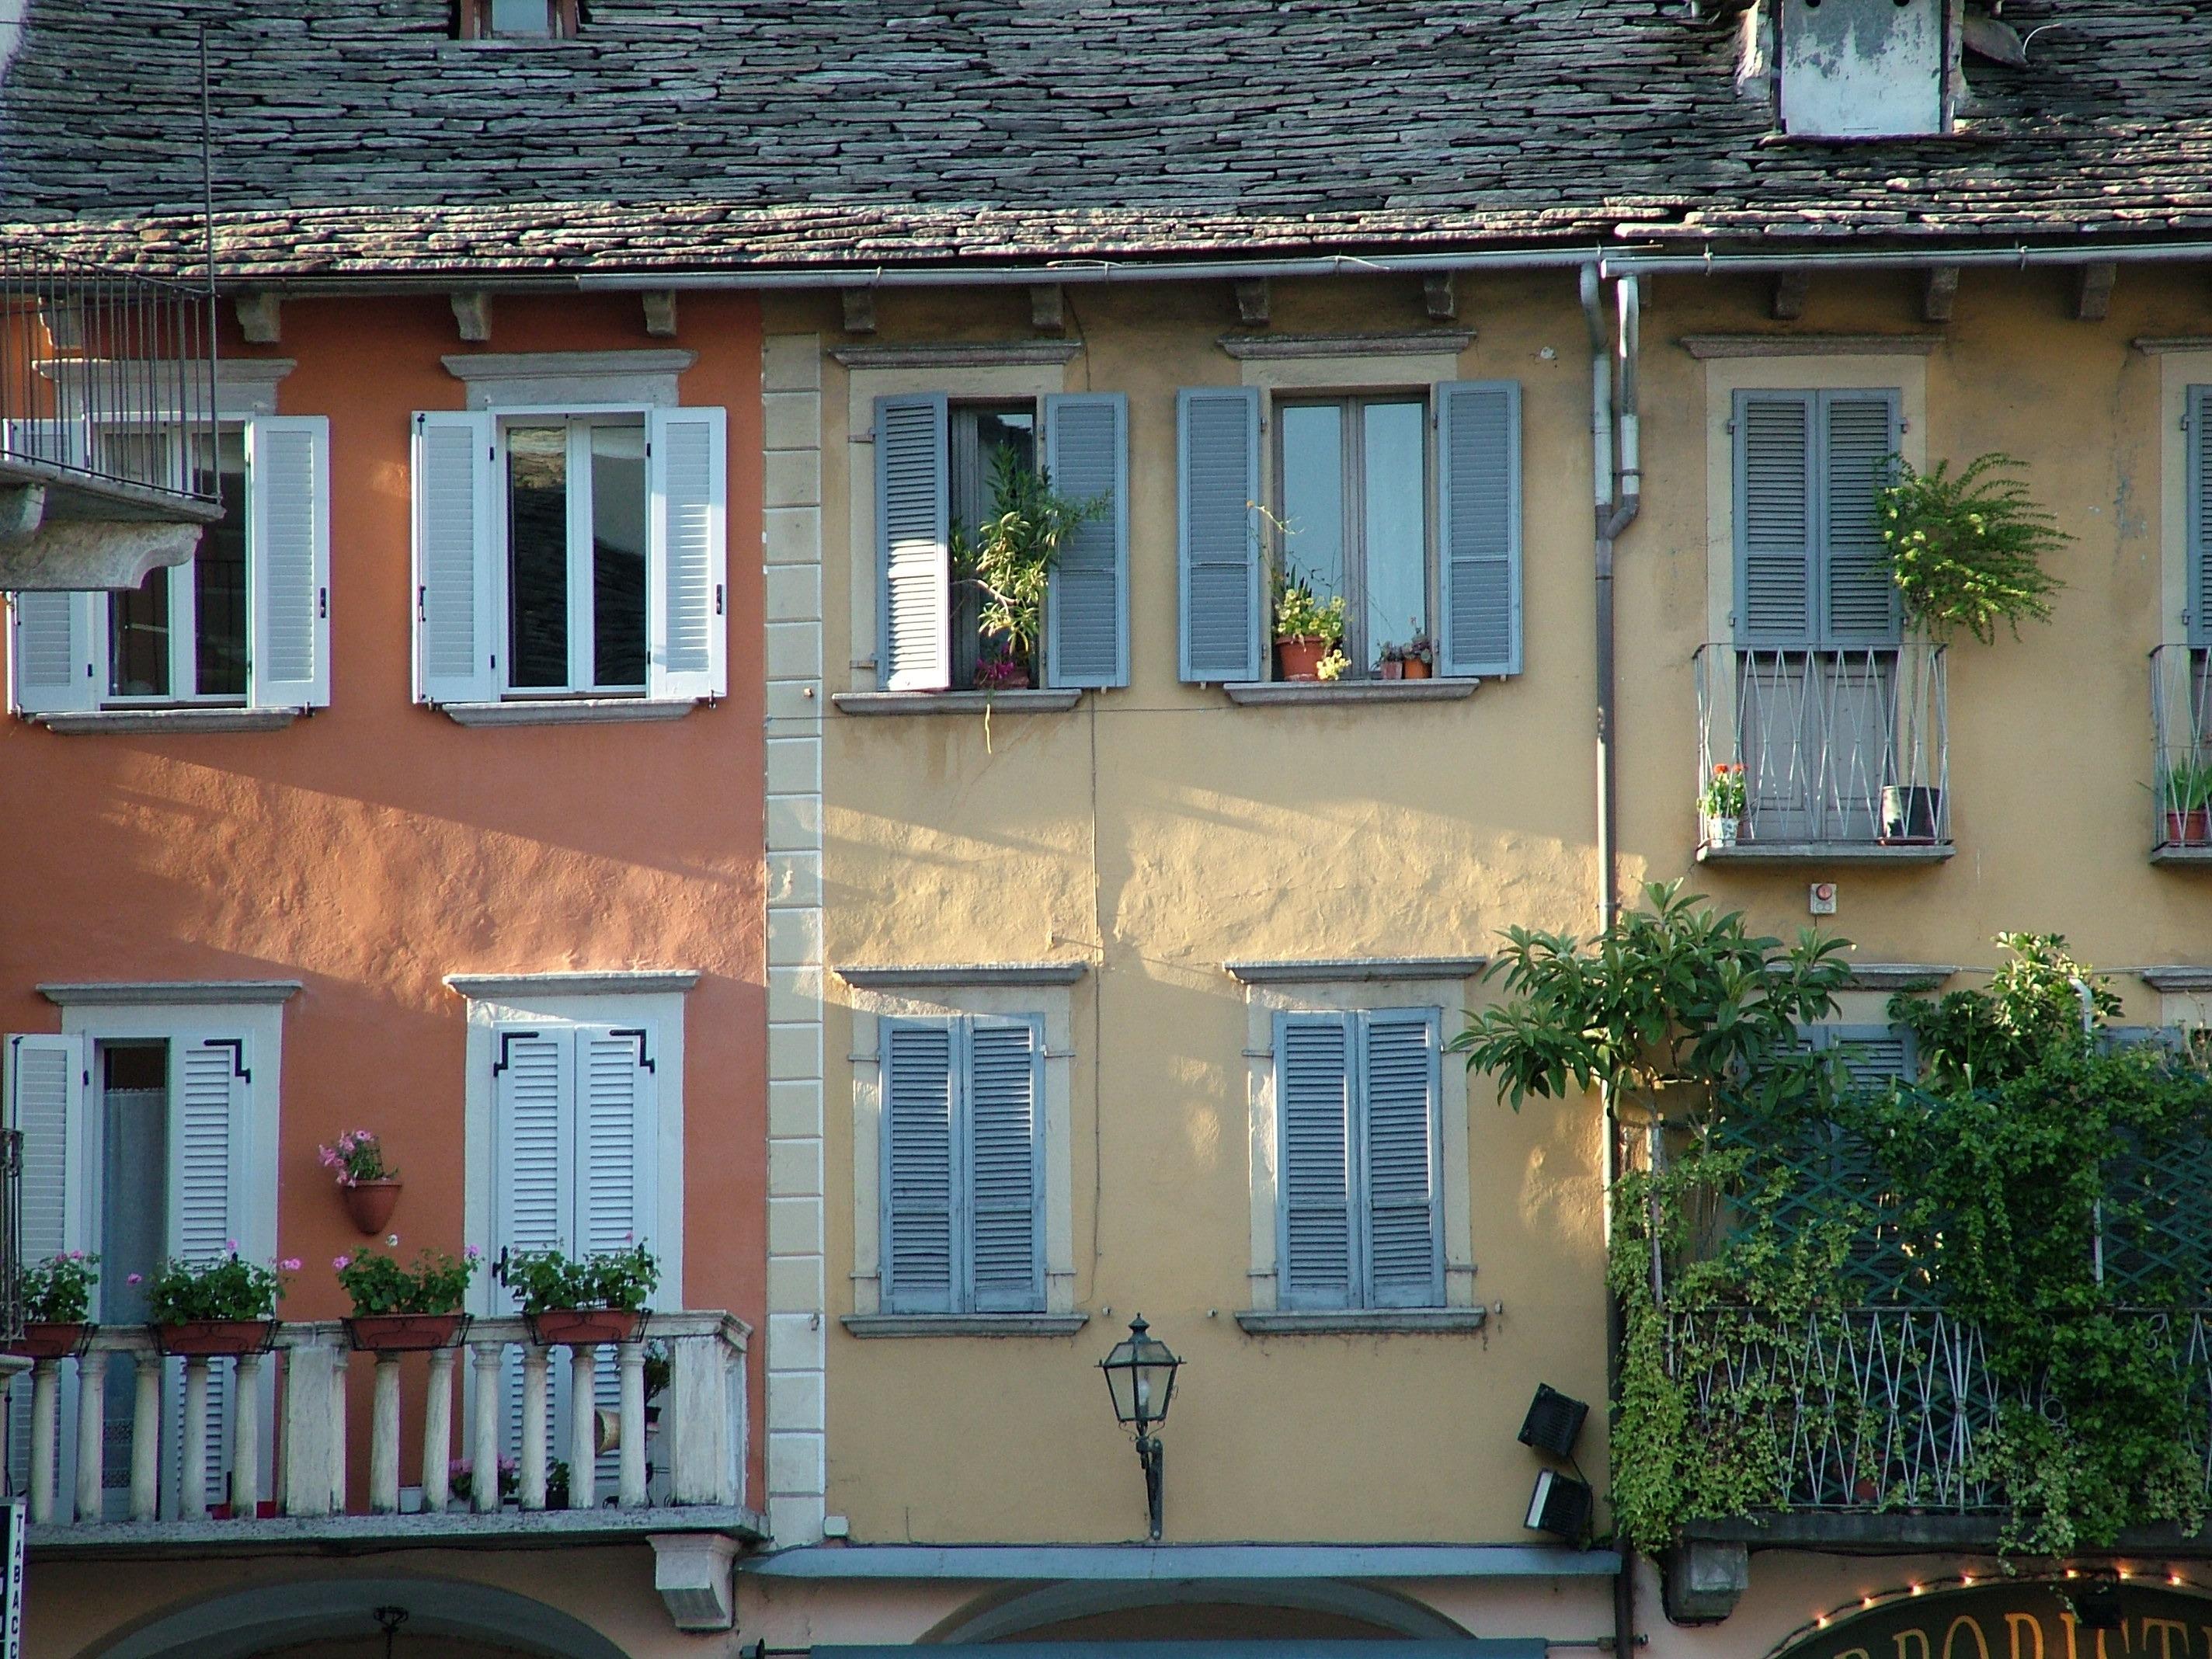 Gambar Cahaya Arsitektur Vila Rumah Besar Jendela Bangunan